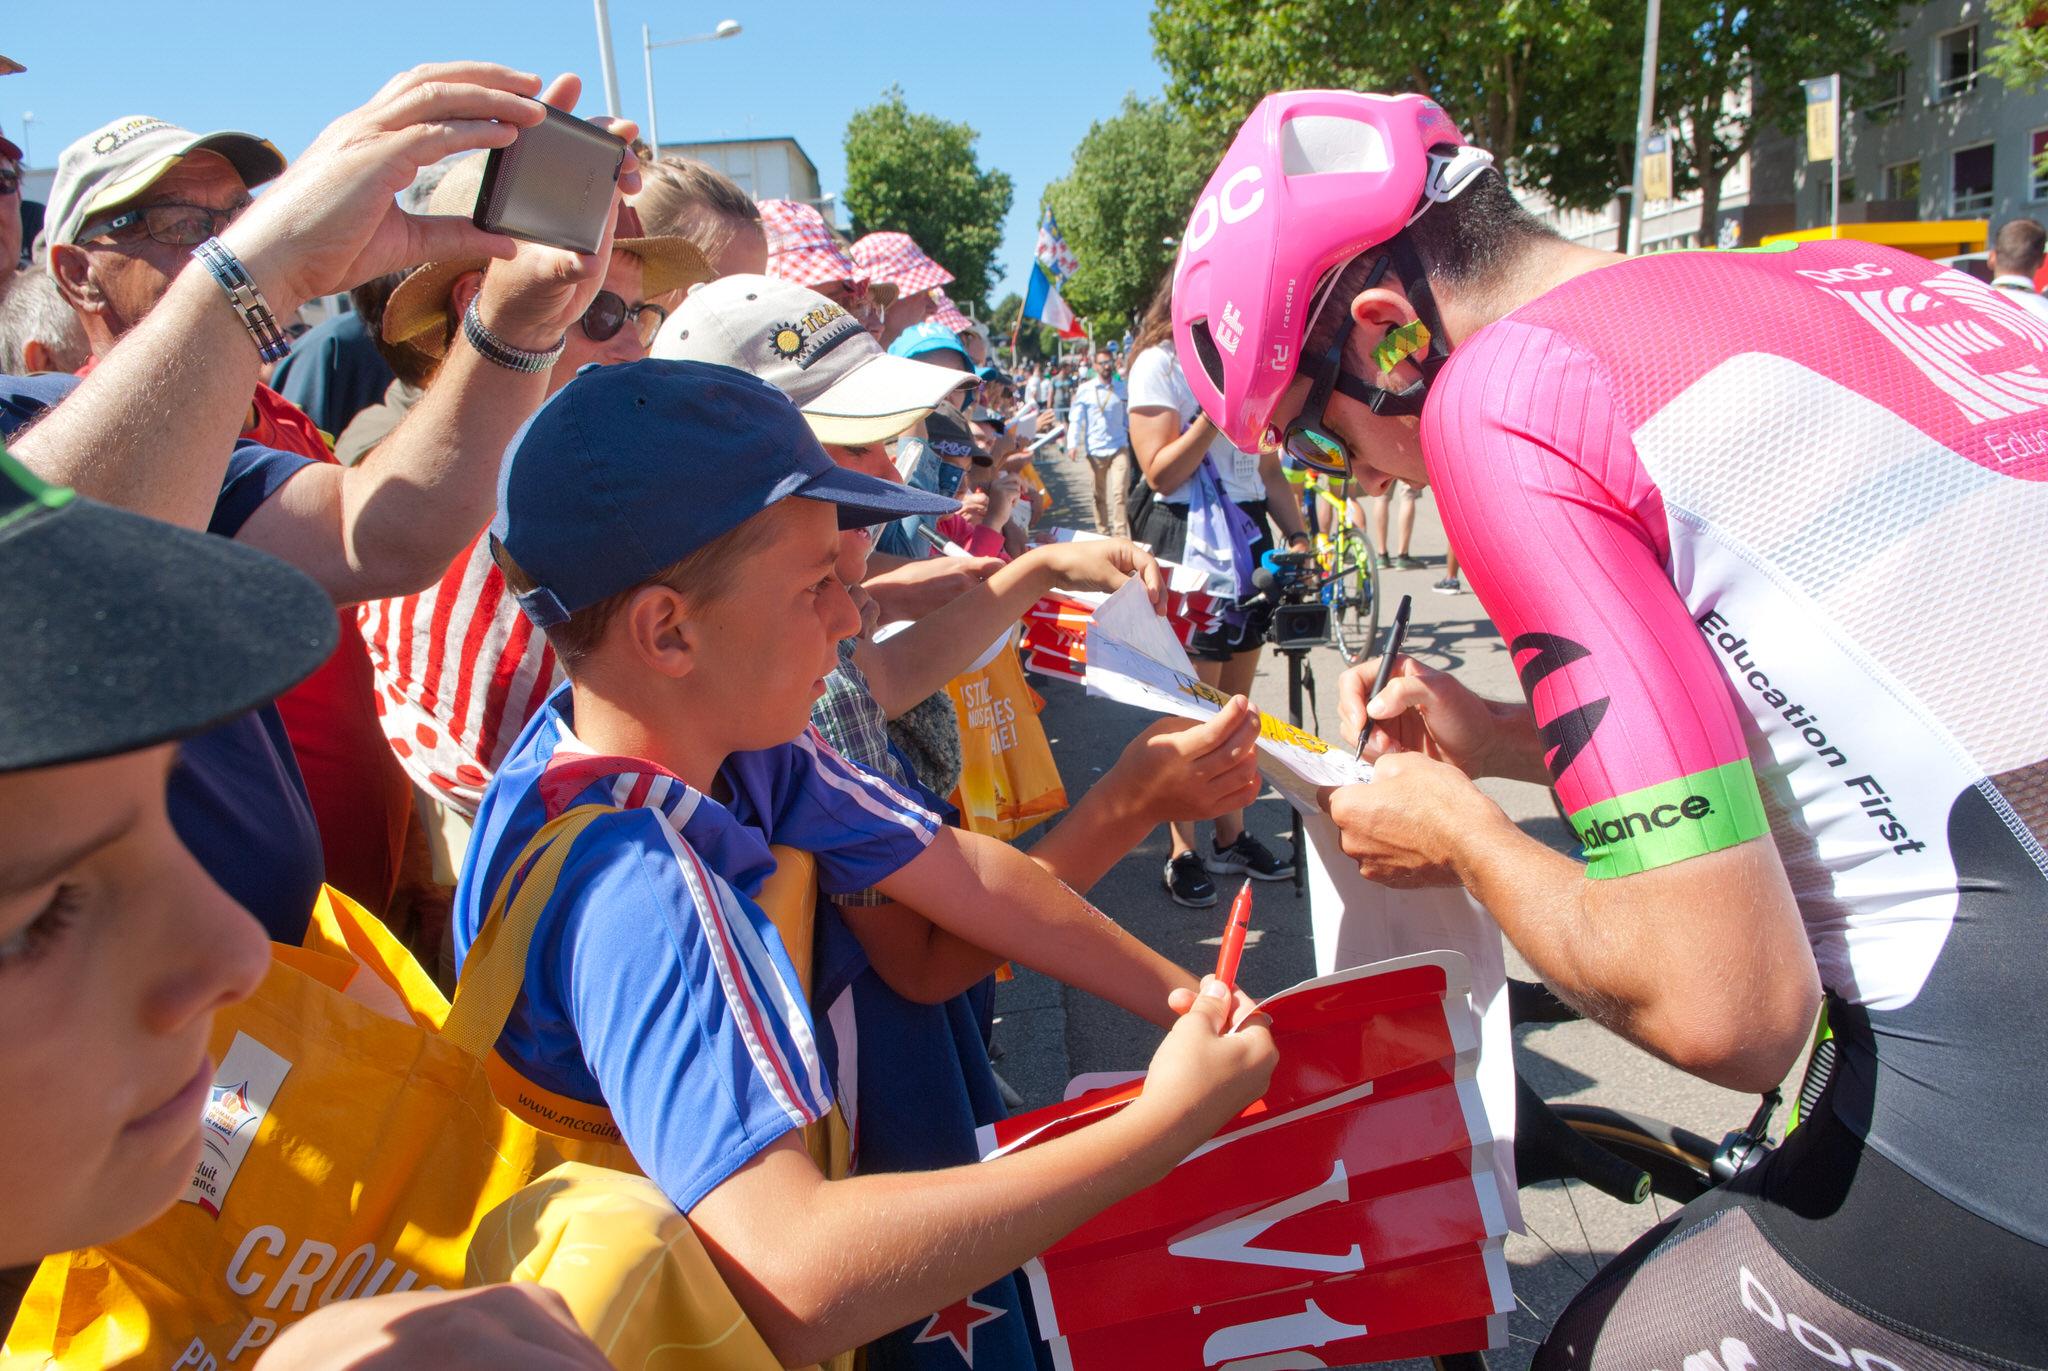 Séance d'autographe avec les coureurs durant le Tour de France en 2018 à Lorient.